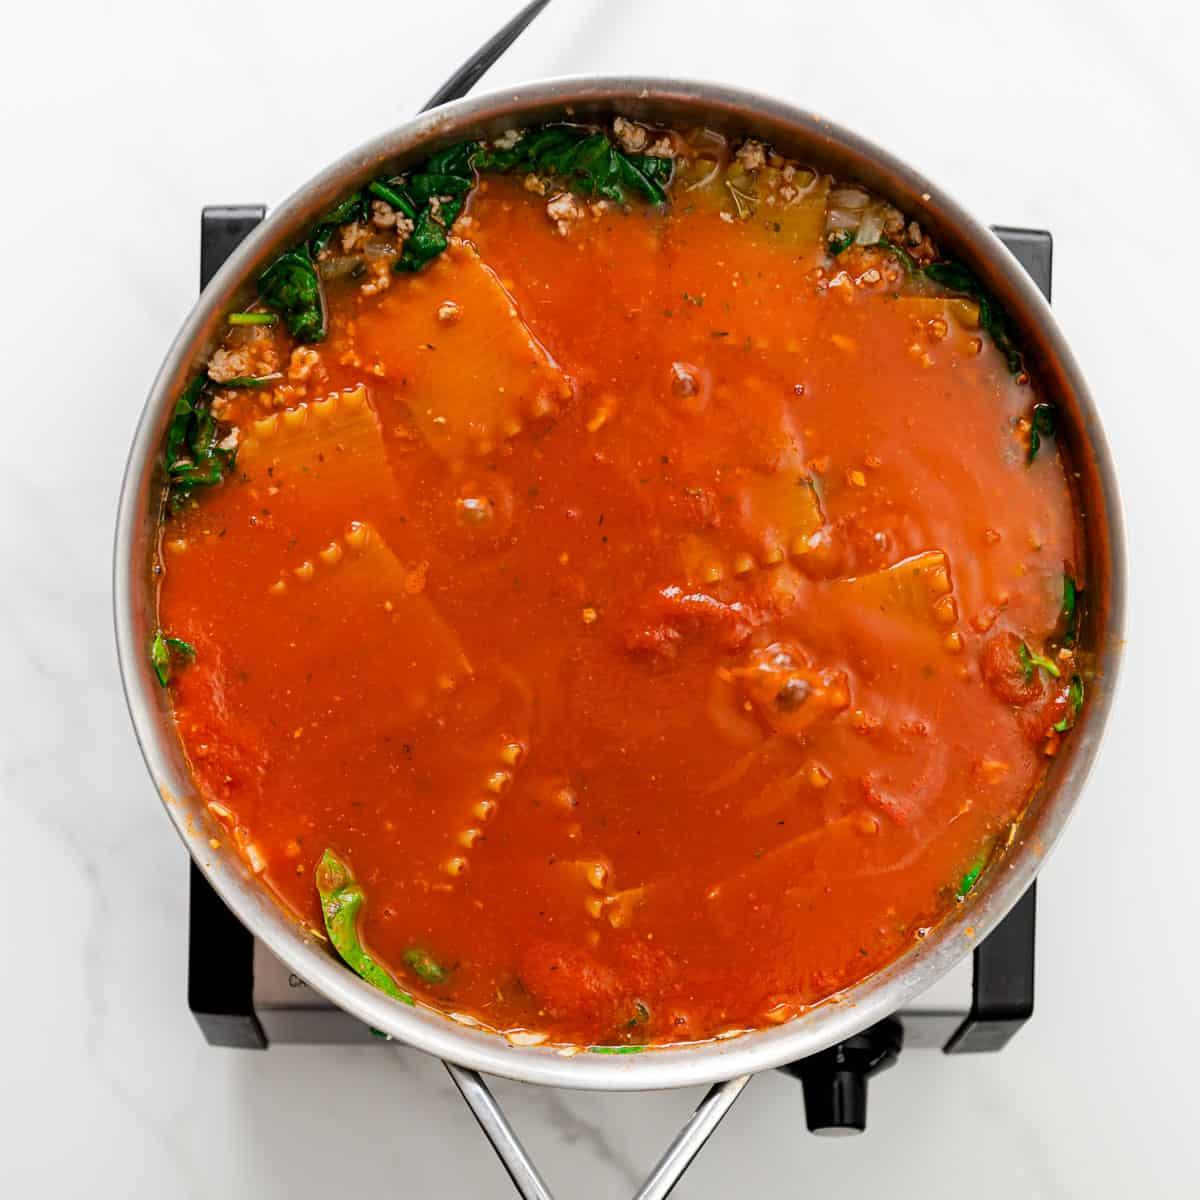 submerging pasta in sauce.